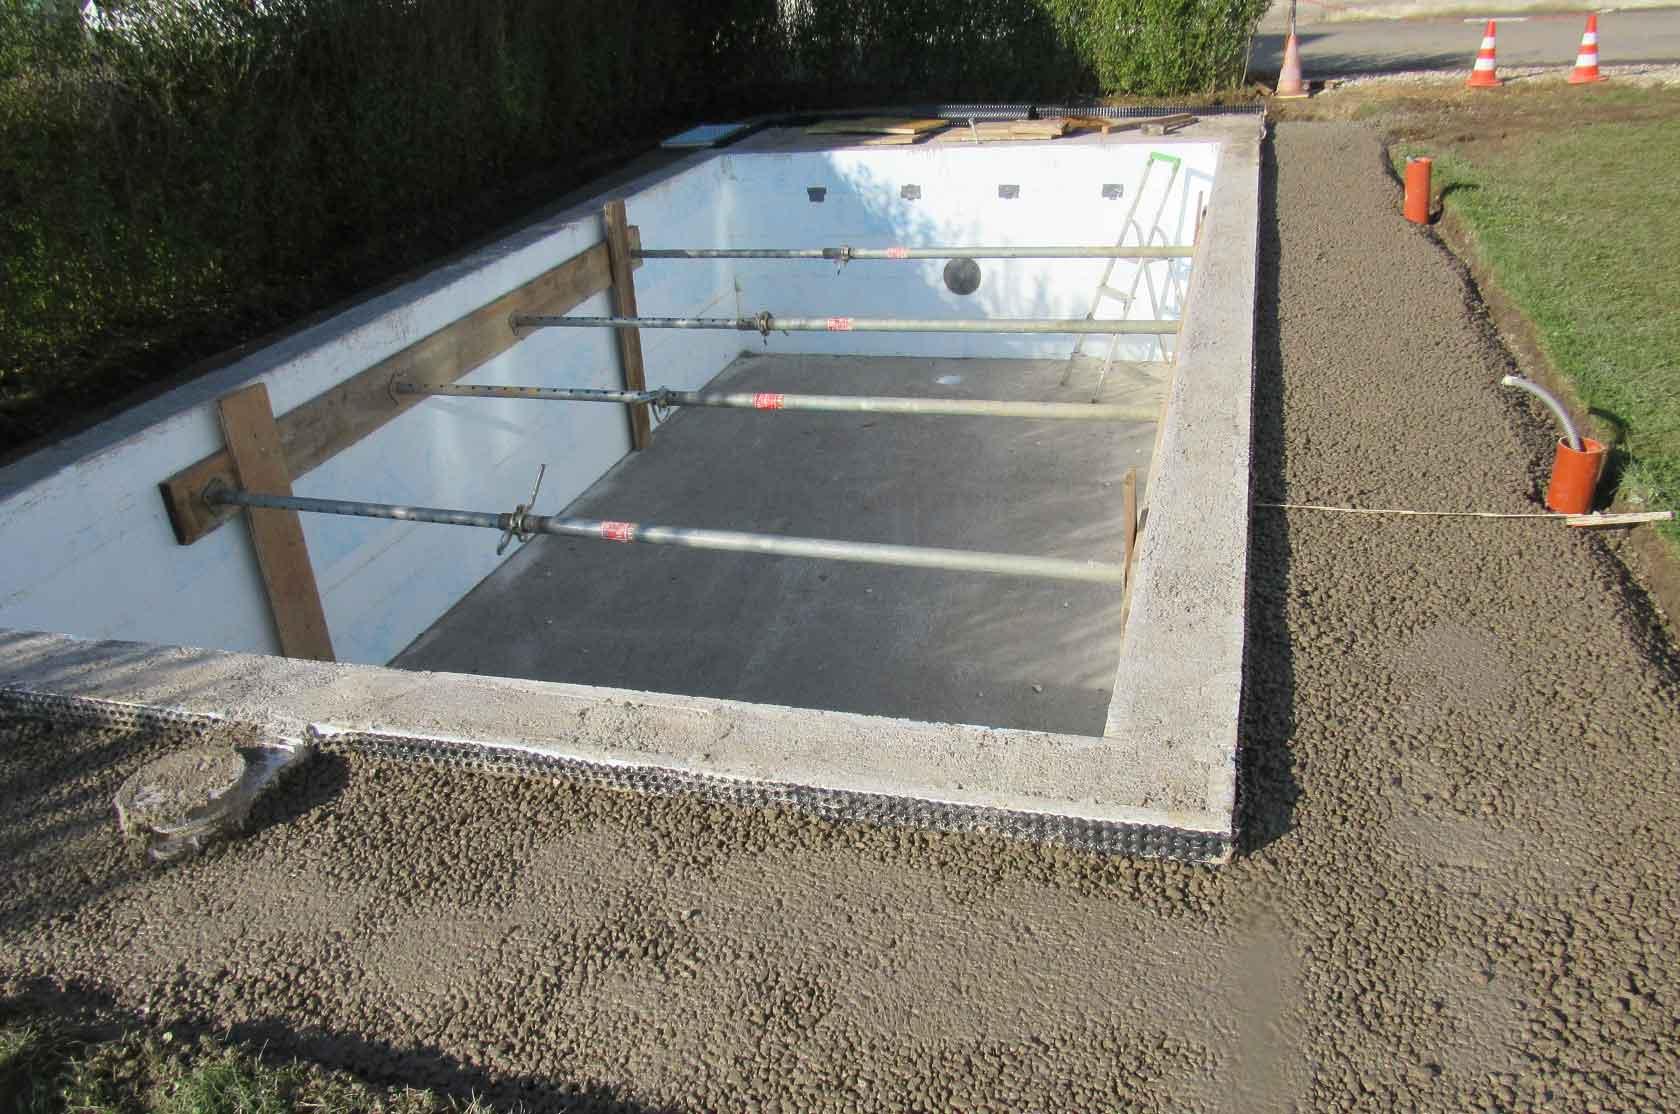 Styroporpool 6 00 x 3 00 x 1 50 m komplettset mit leiter for Poolfolie montieren